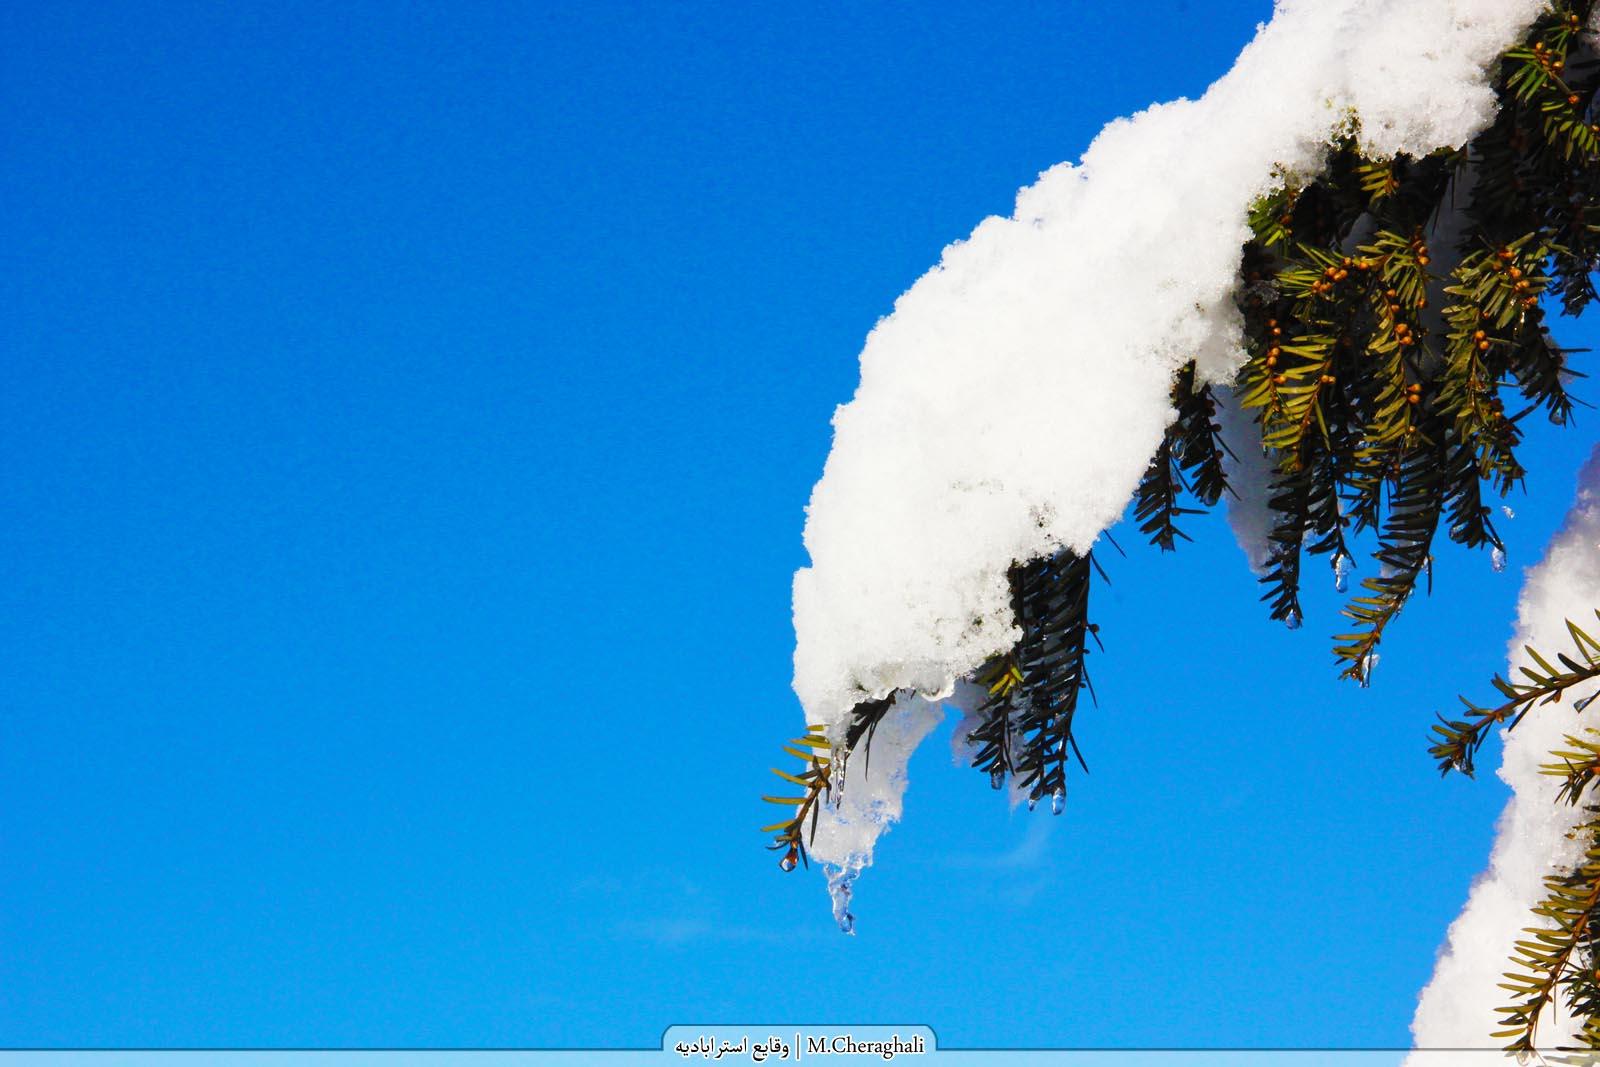 زمستان 1390 گرگان روستای زیارت